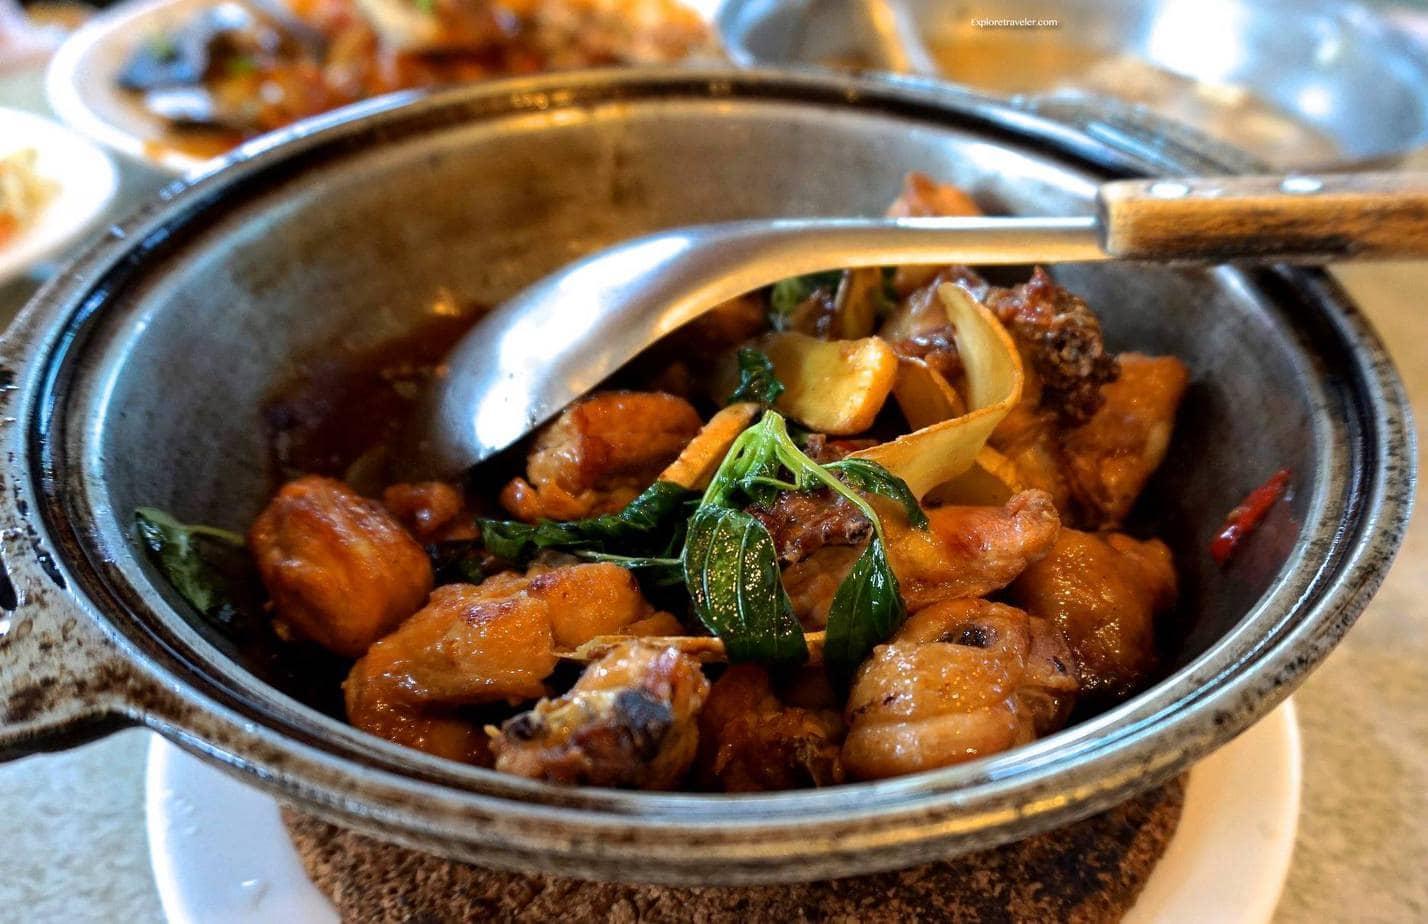 taiwan food dish